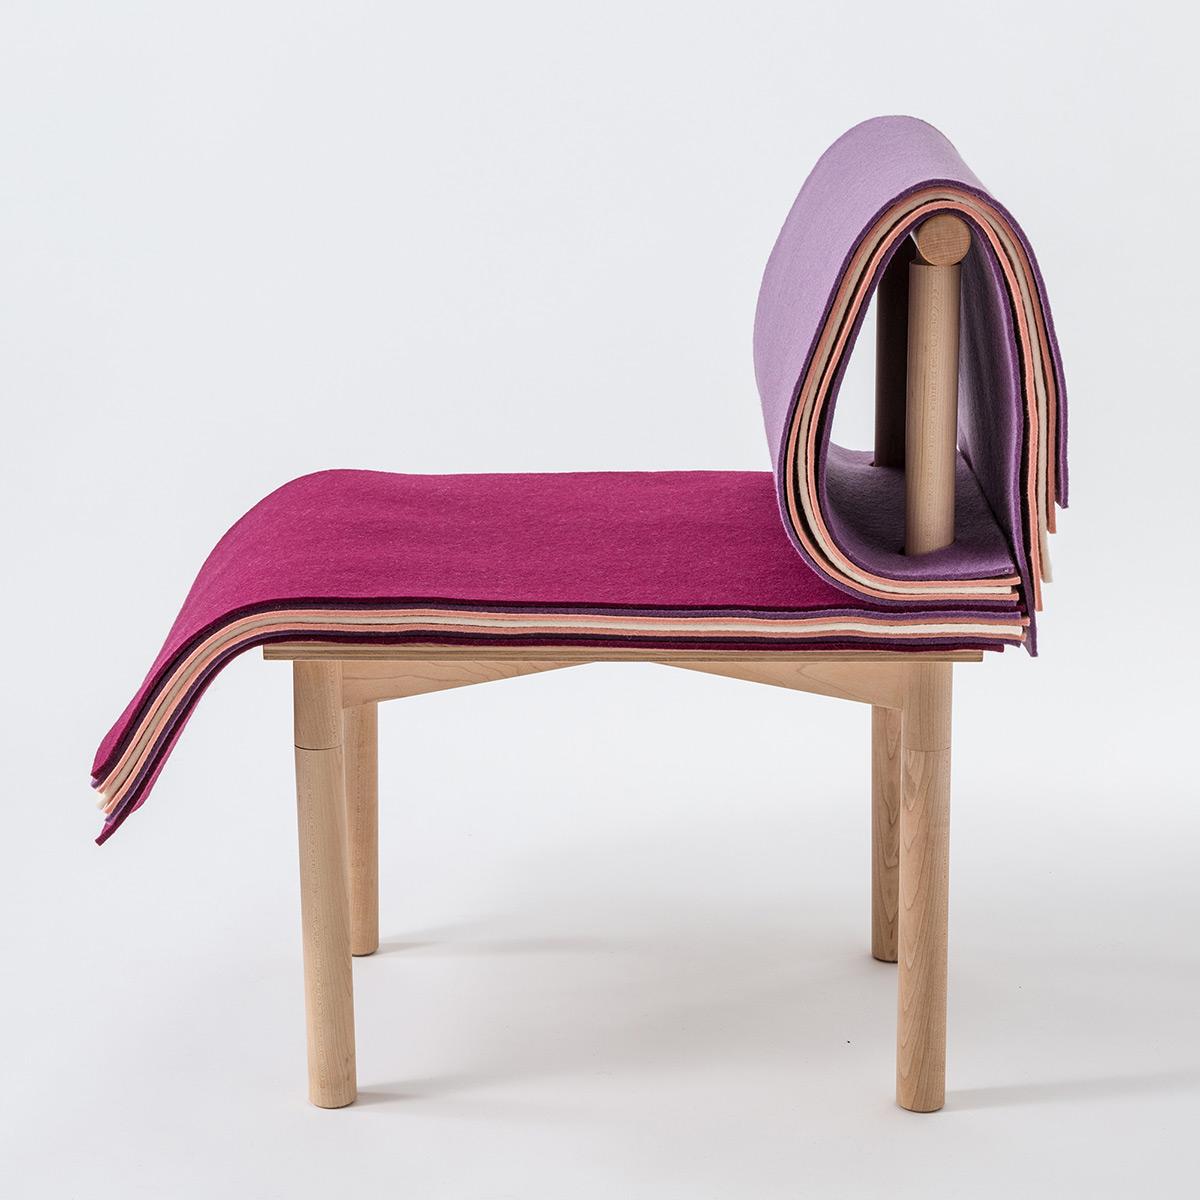 Pages-chair-Noriko-Hashida-02